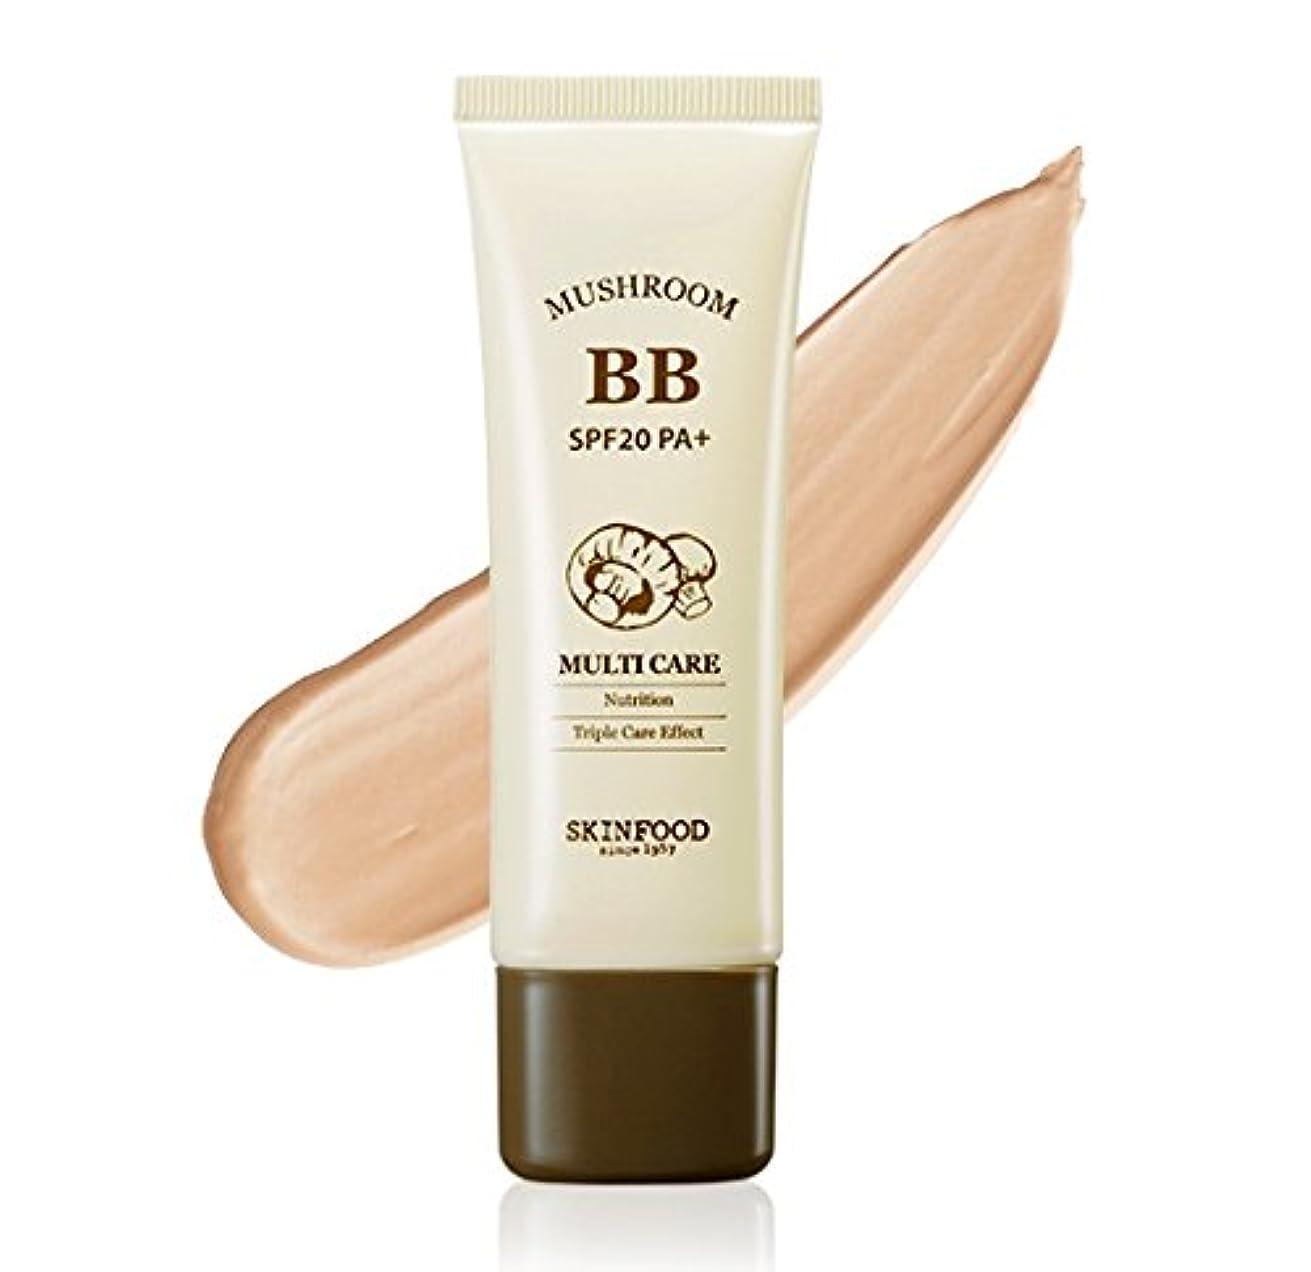 座る降下悪行#Bright skin SKINFOOD Mushroom Multi Care BB Cream スキンフード マッシュルーム マルチケア BB cream クリーム SPF20 PA+ [並行輸入品]